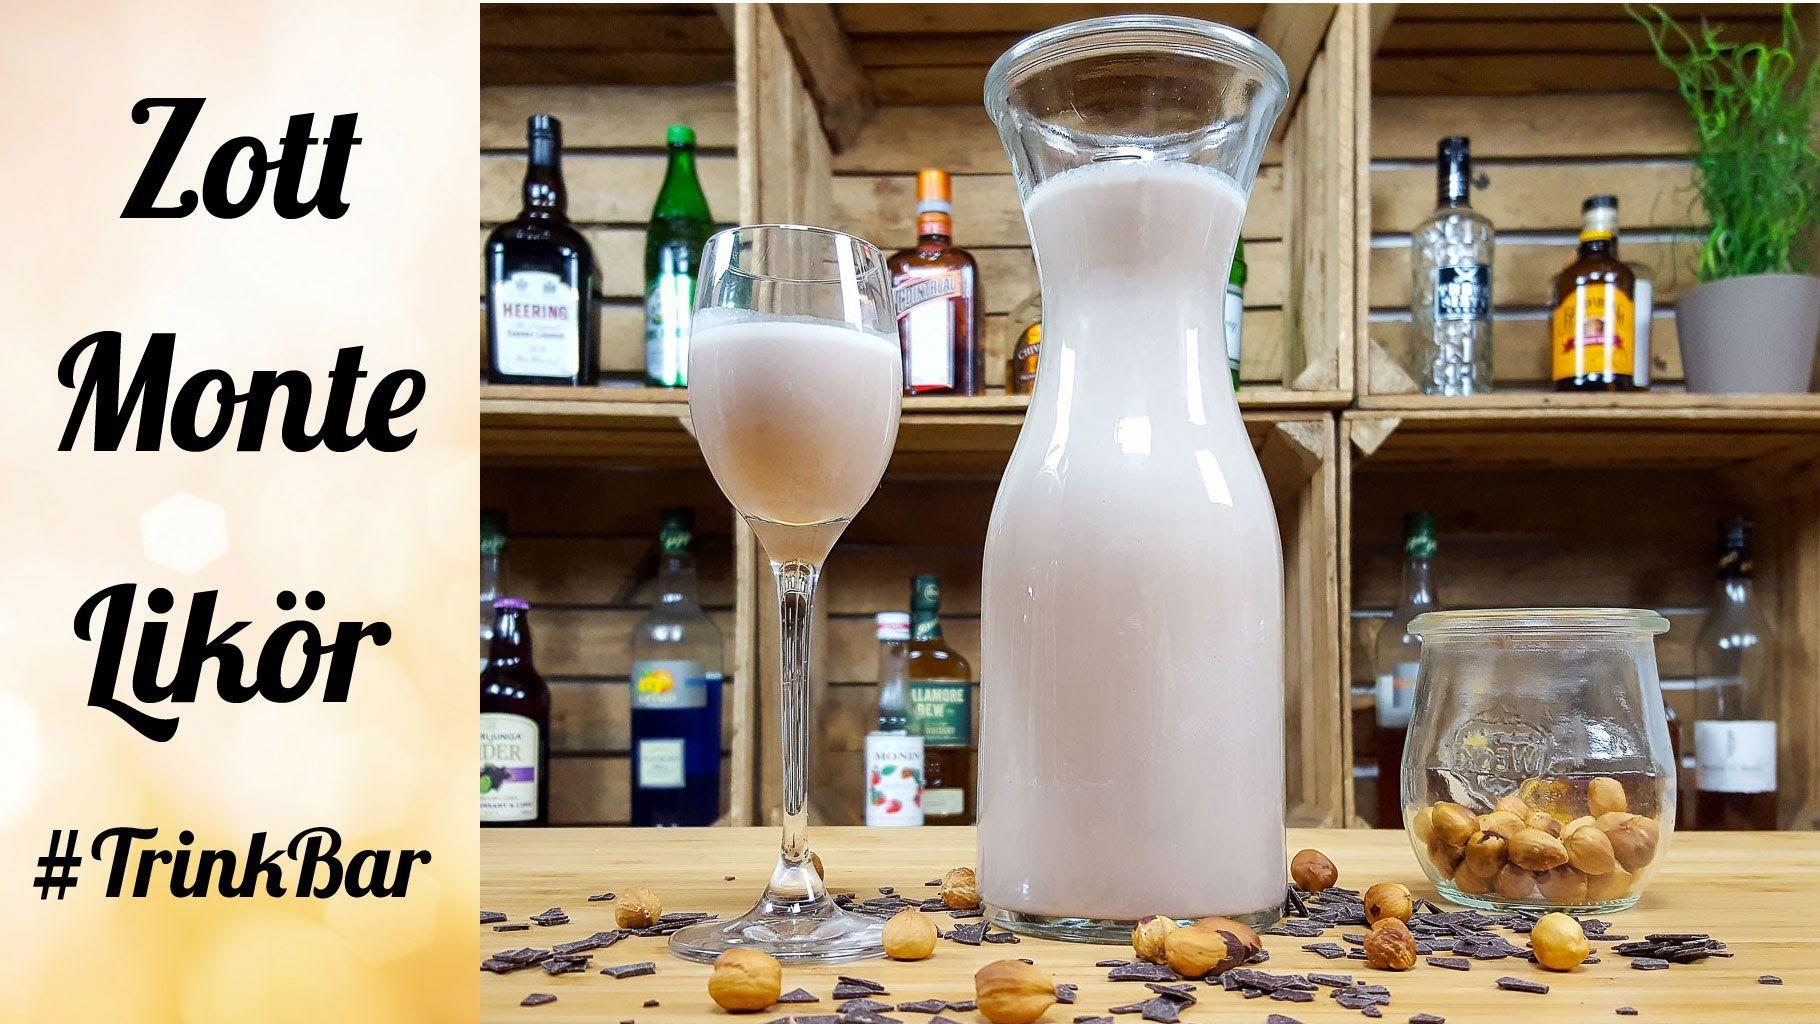 zott monte lik r selber machen cocktail rezept trinkbar cocktails und drinks auf youtube. Black Bedroom Furniture Sets. Home Design Ideas